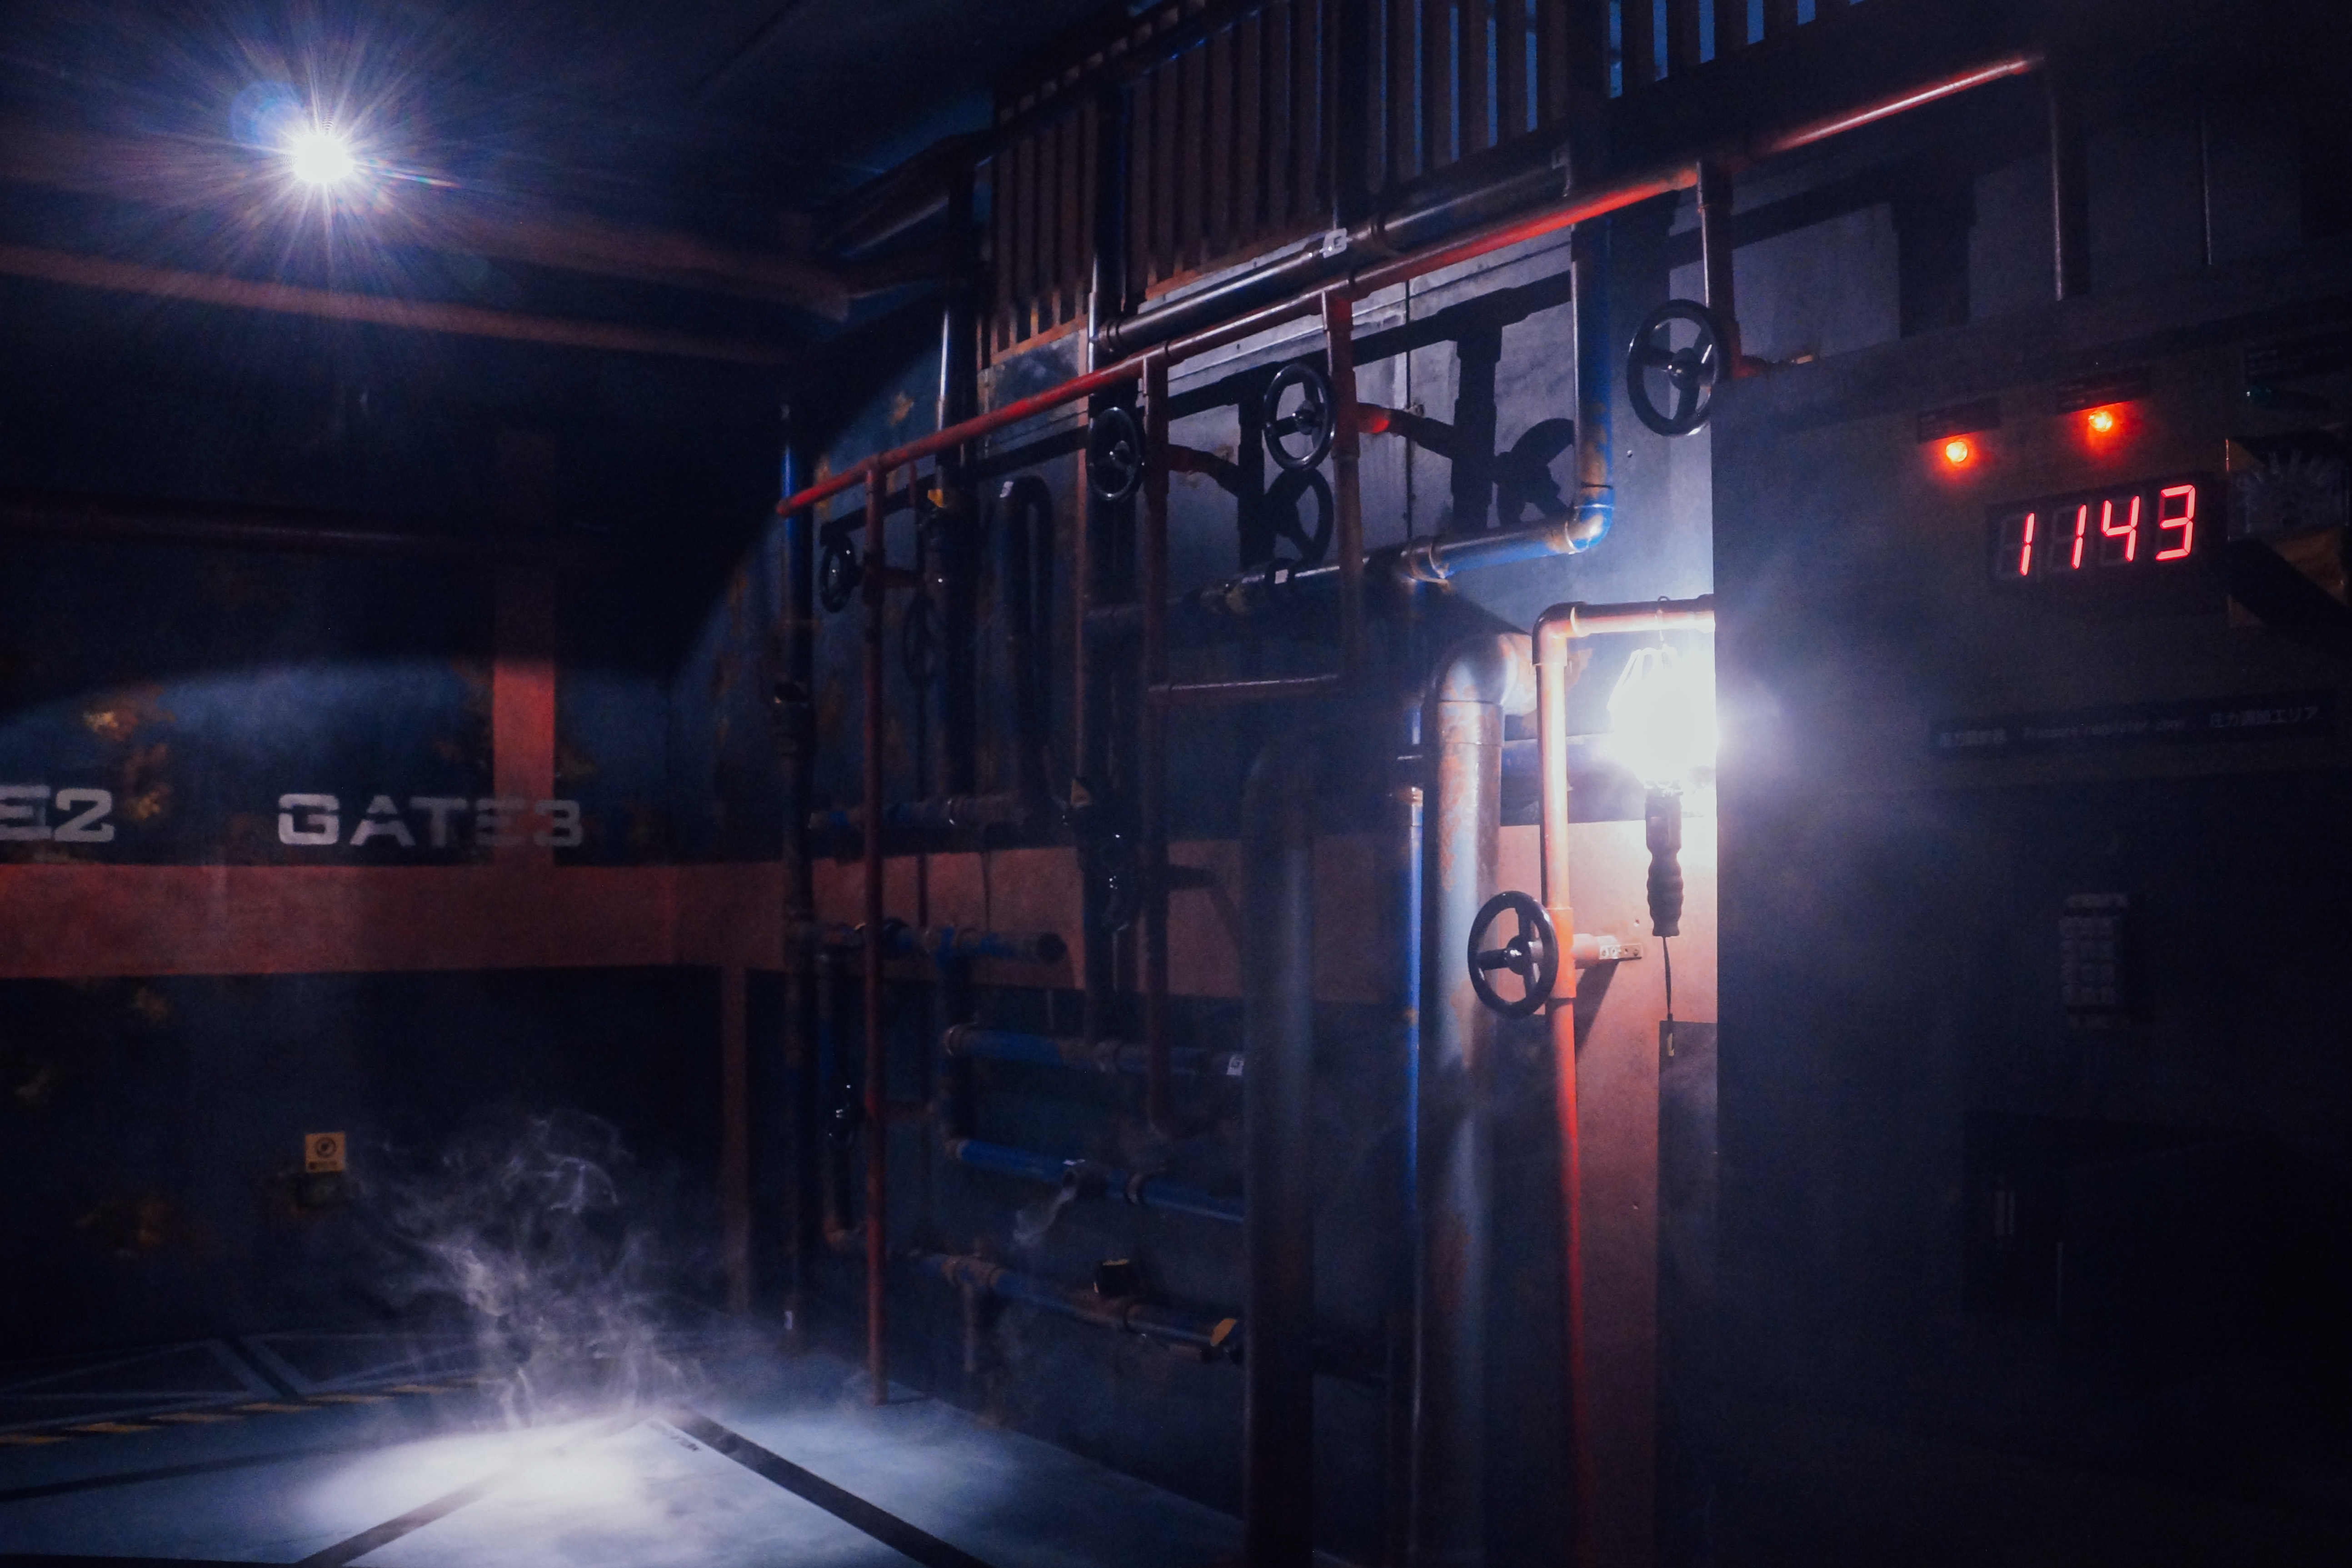 密室逃脫逼真的場景讓玩家身歷其境。攝影/潘姿穎